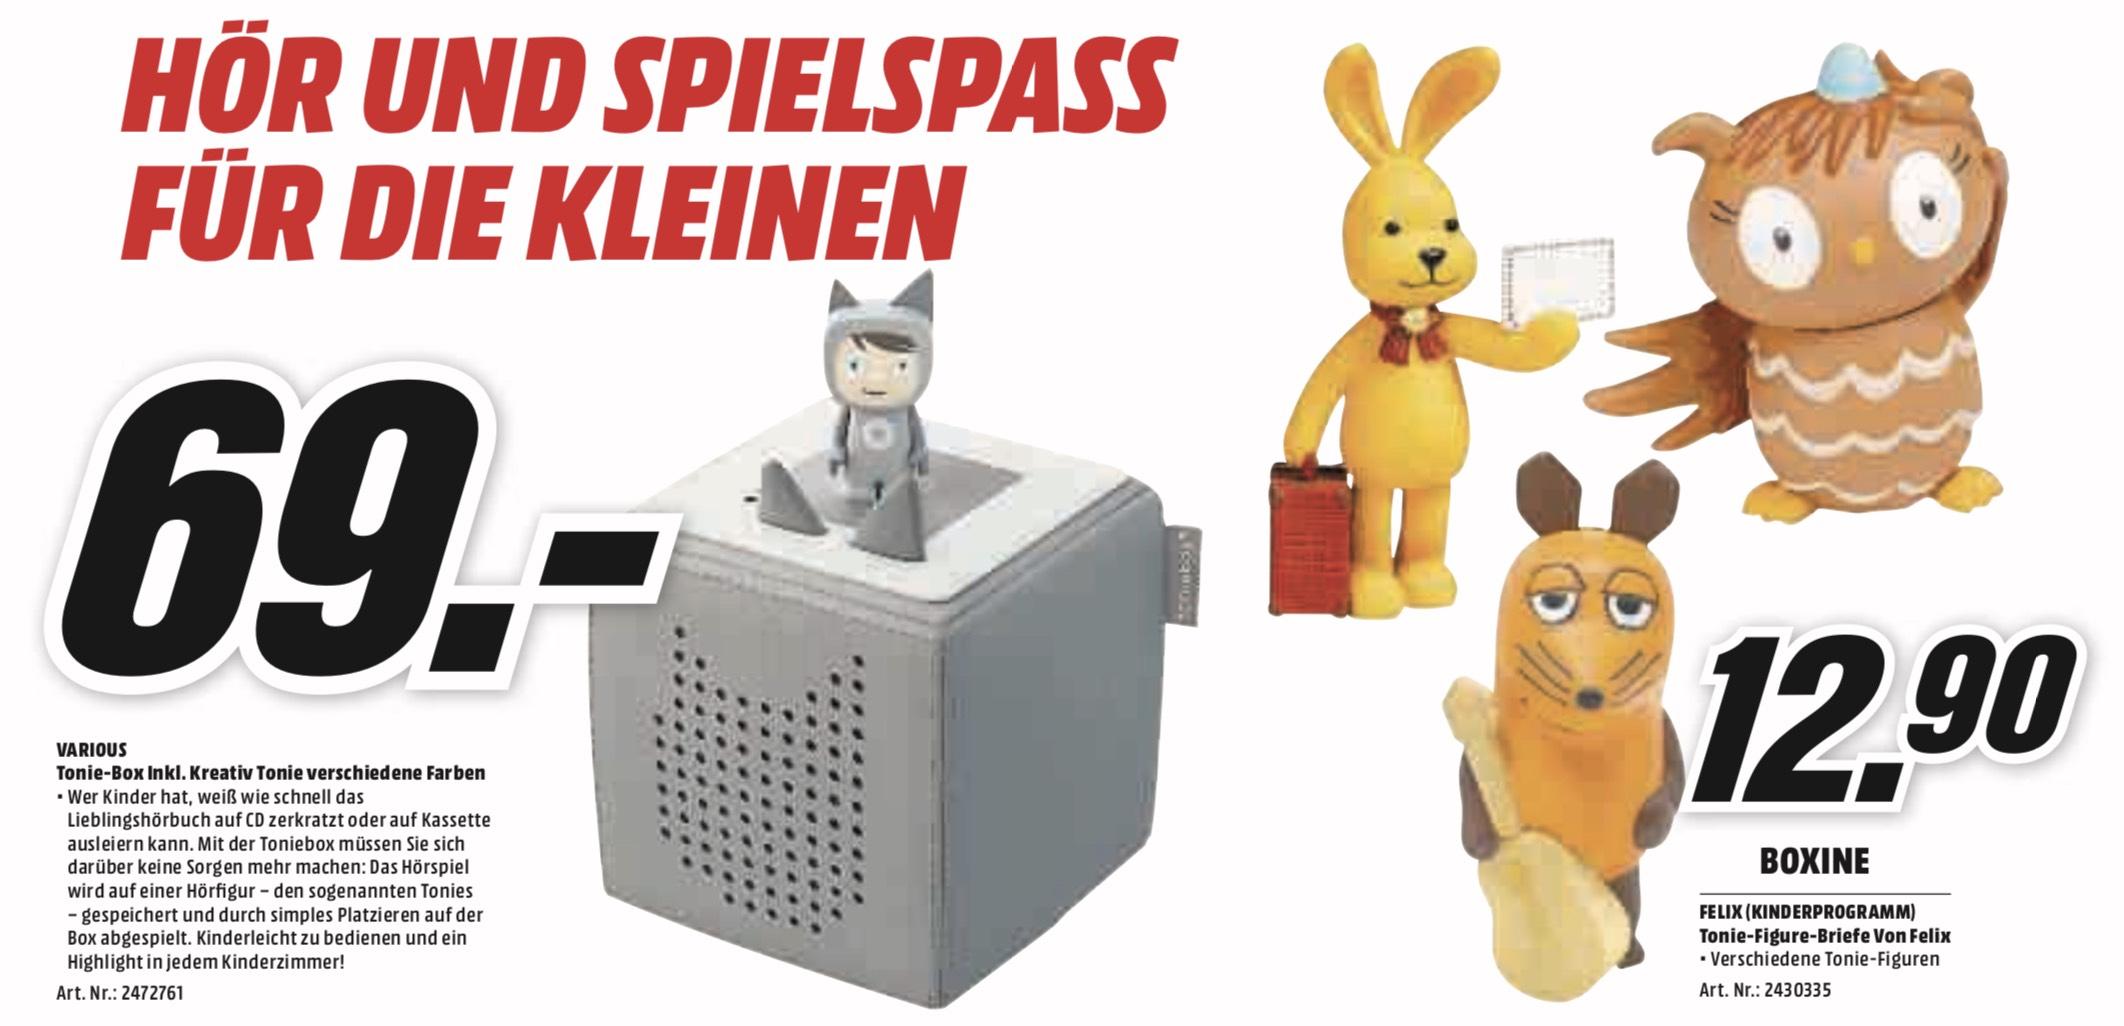 TonieBox im Media Markt Aalen, Ellwangen, Heidenheim, Nördlingen, Schwäbisch Gmünd